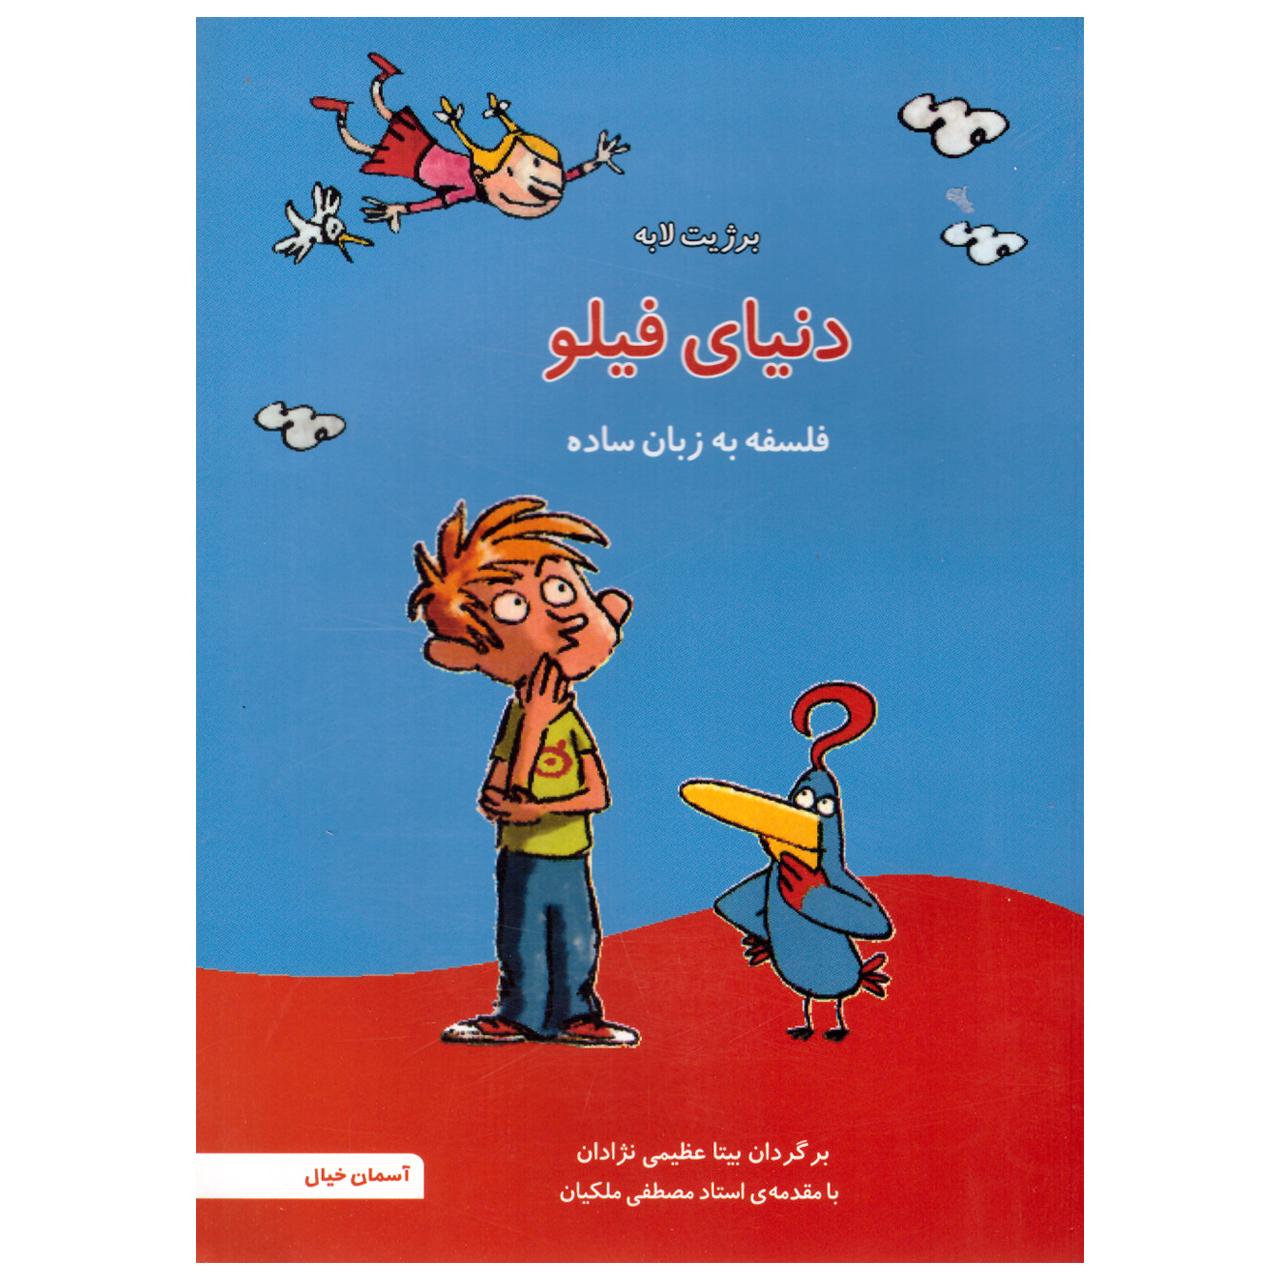 کتاب دنیای فیلو اثر برژیت لابه انتشارات آسمان خیال